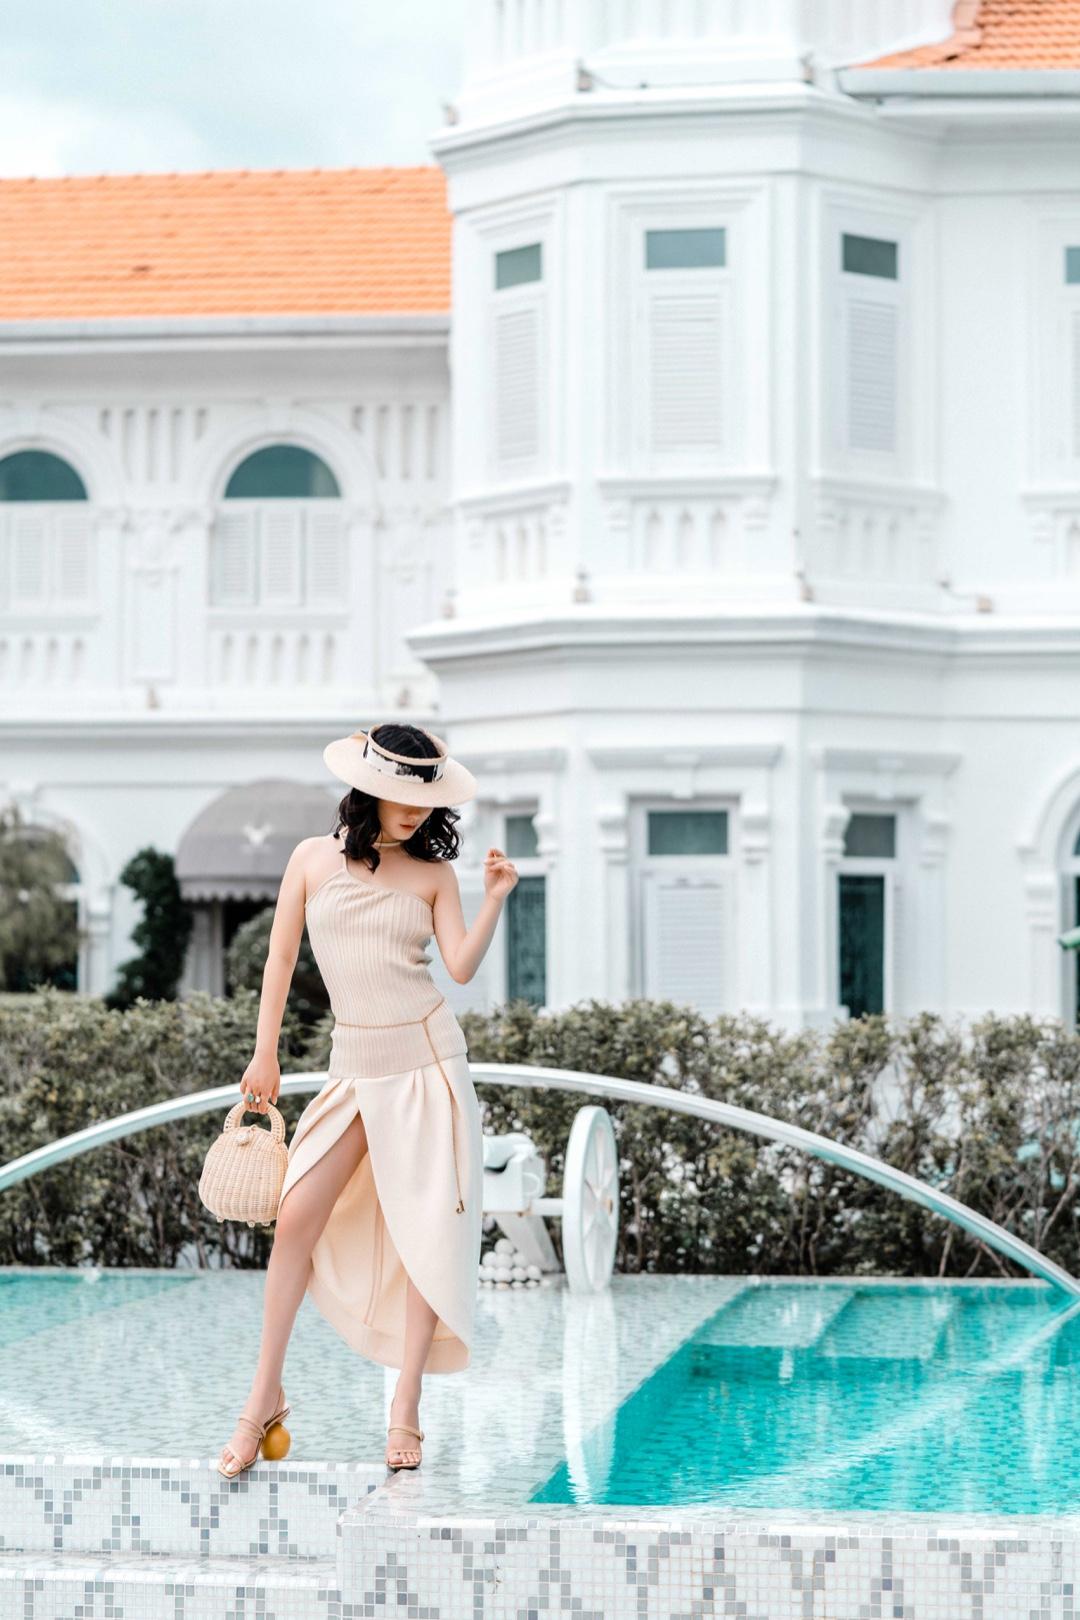 """#Nikkislook#  """"晒伤""""的NK也超复古~如何在炎热的马来西亚穿出清凉感,小裙子肯定不能少啦,高开衩的设计又是显腿长的利器,配上草编包度假感十足~ """